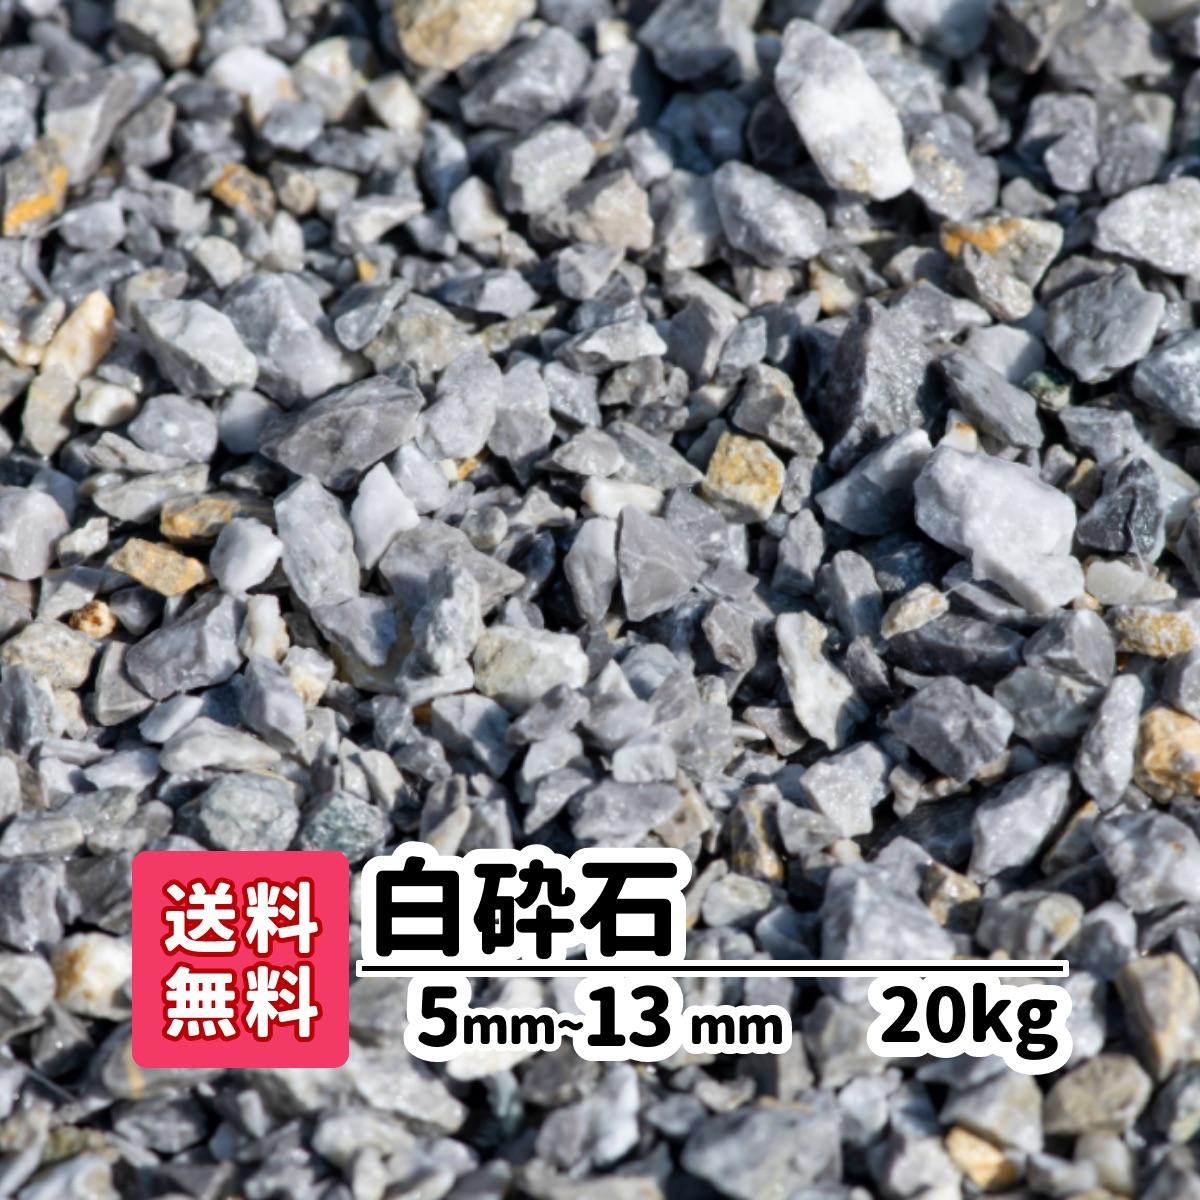 庭工事、エクステリア工事を得意とするガーデンステージ。石や砂利は年間700トンを扱います。アプローチ、建物周り、駐車場に! 全体的に白色でシックな砂利です。 砂利【送料無料】20kg 白 白砕石 5mm~13mm 砕石 庭 アプローチ 防犯砂利 おしゃれ ガーデニング 駐車場 防草対策 白い石 白い砂利 エクステリア 外構 ガーデン 庭園 グレー 洋風 和風 愛知県産